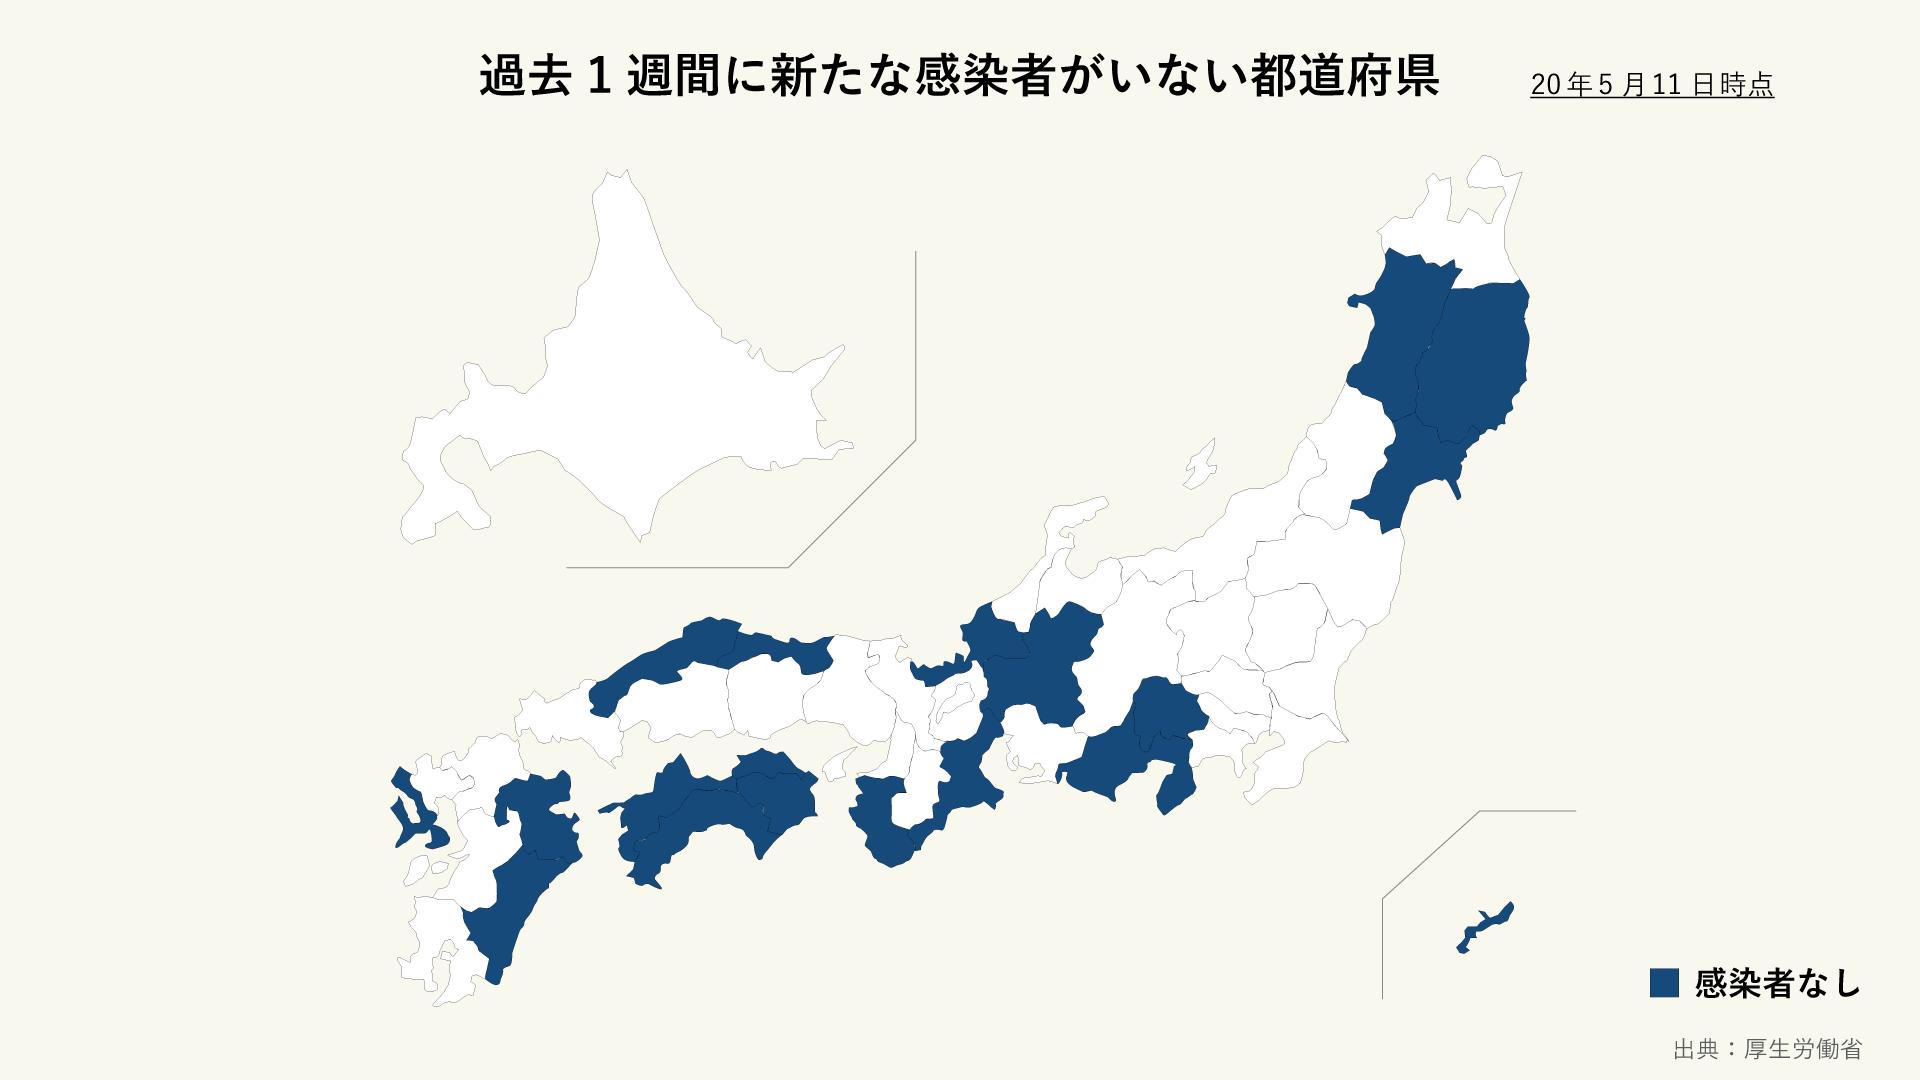 新型 コロナ ウイルス 鳥取 県 新型コロナ克服緊急応援金/とりネット/鳥取県公式サイト